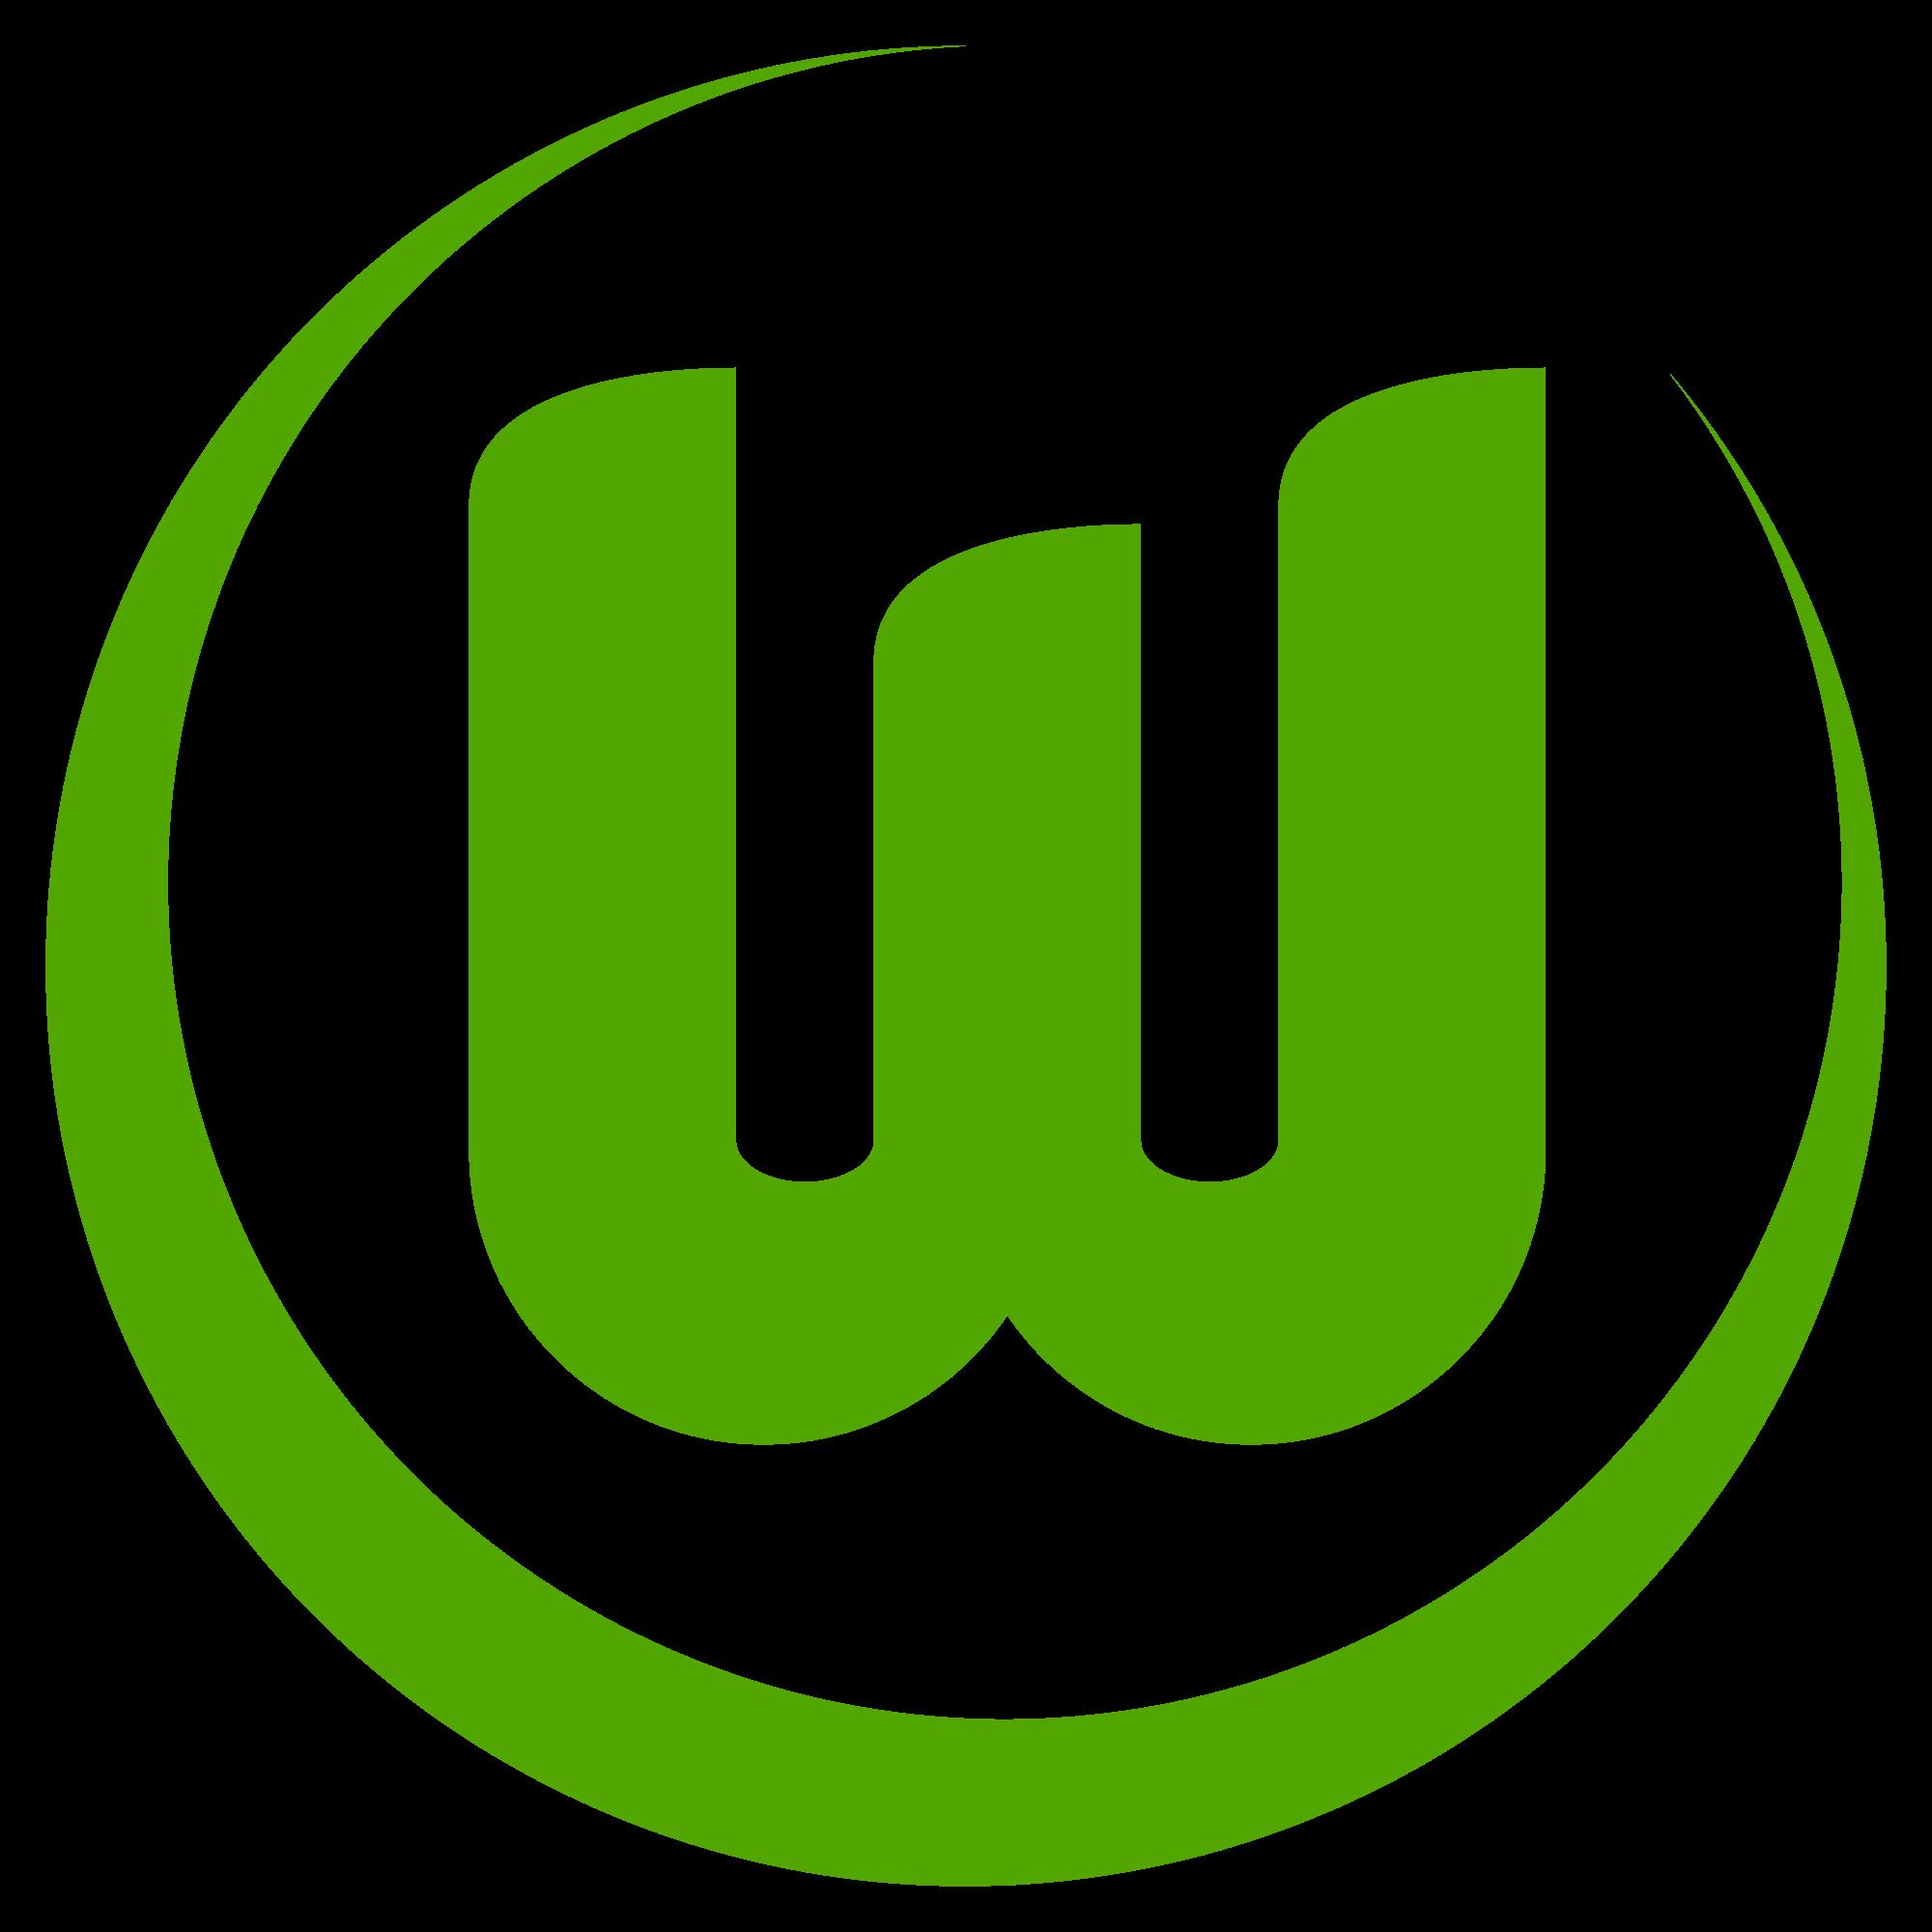 Vfl Wolfsburg Ticketbörse